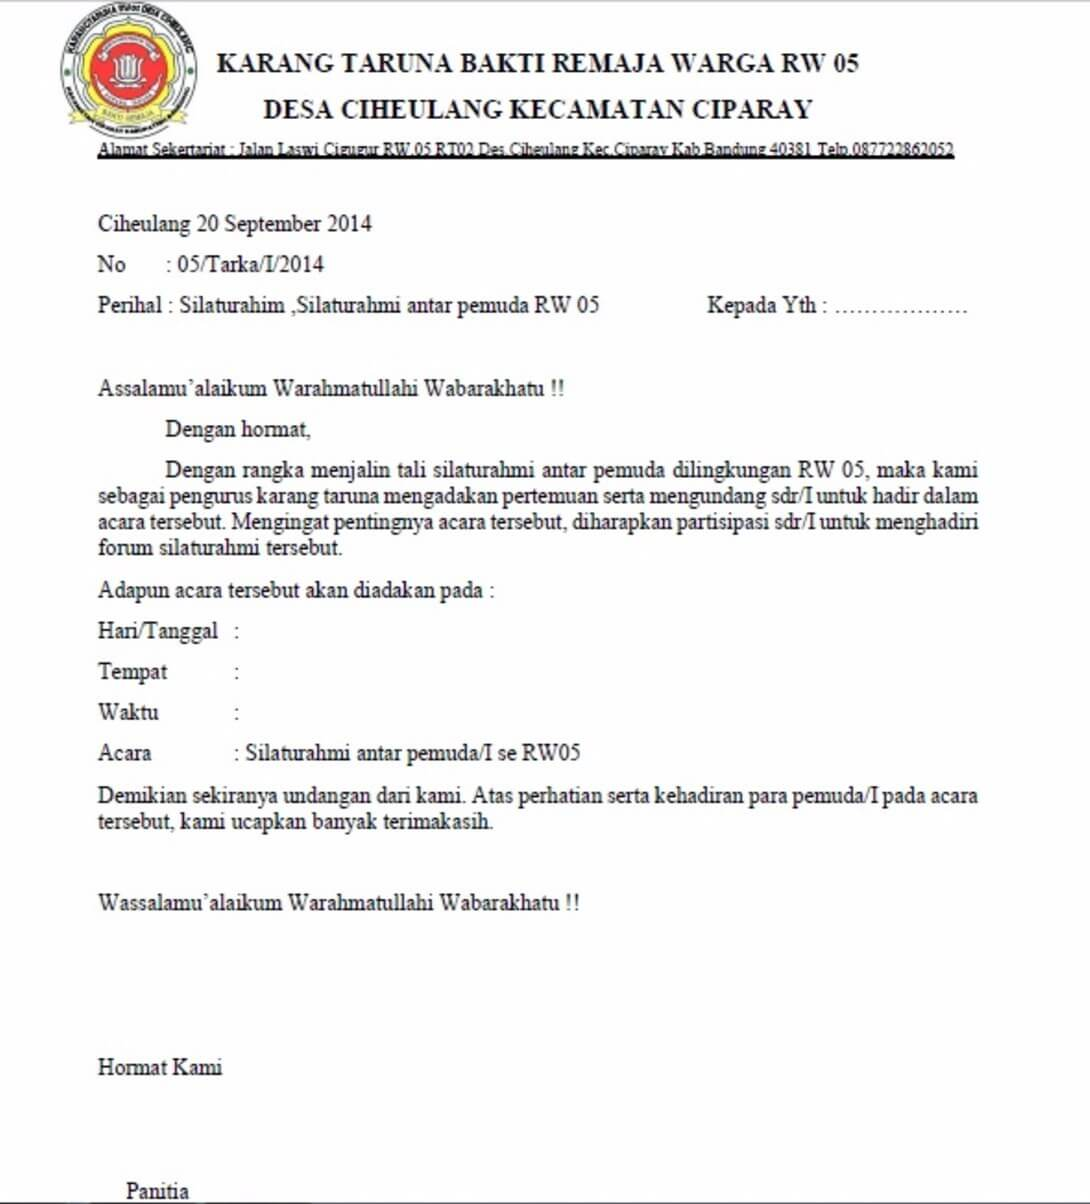 Kumpulan Contoh Surat Undangan Resmi Organisasi Karang Taruna Terbaru